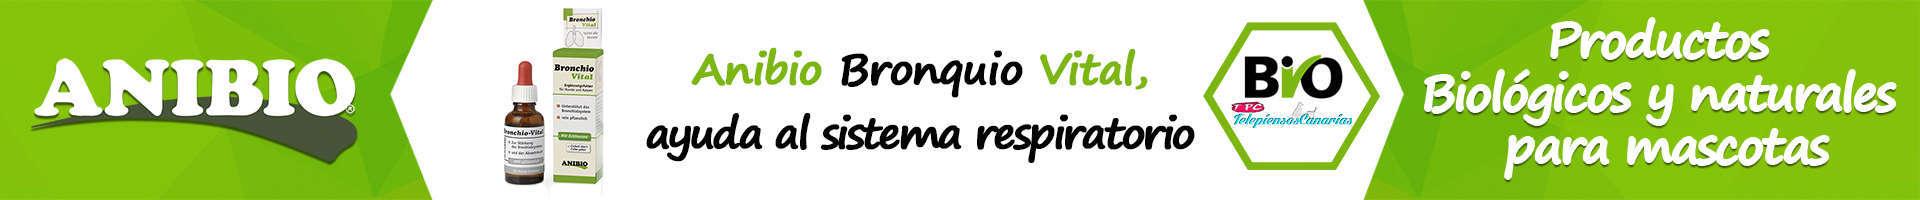 Anibio bronquio vital, refuerza el sistema respiratorio de las mascotas